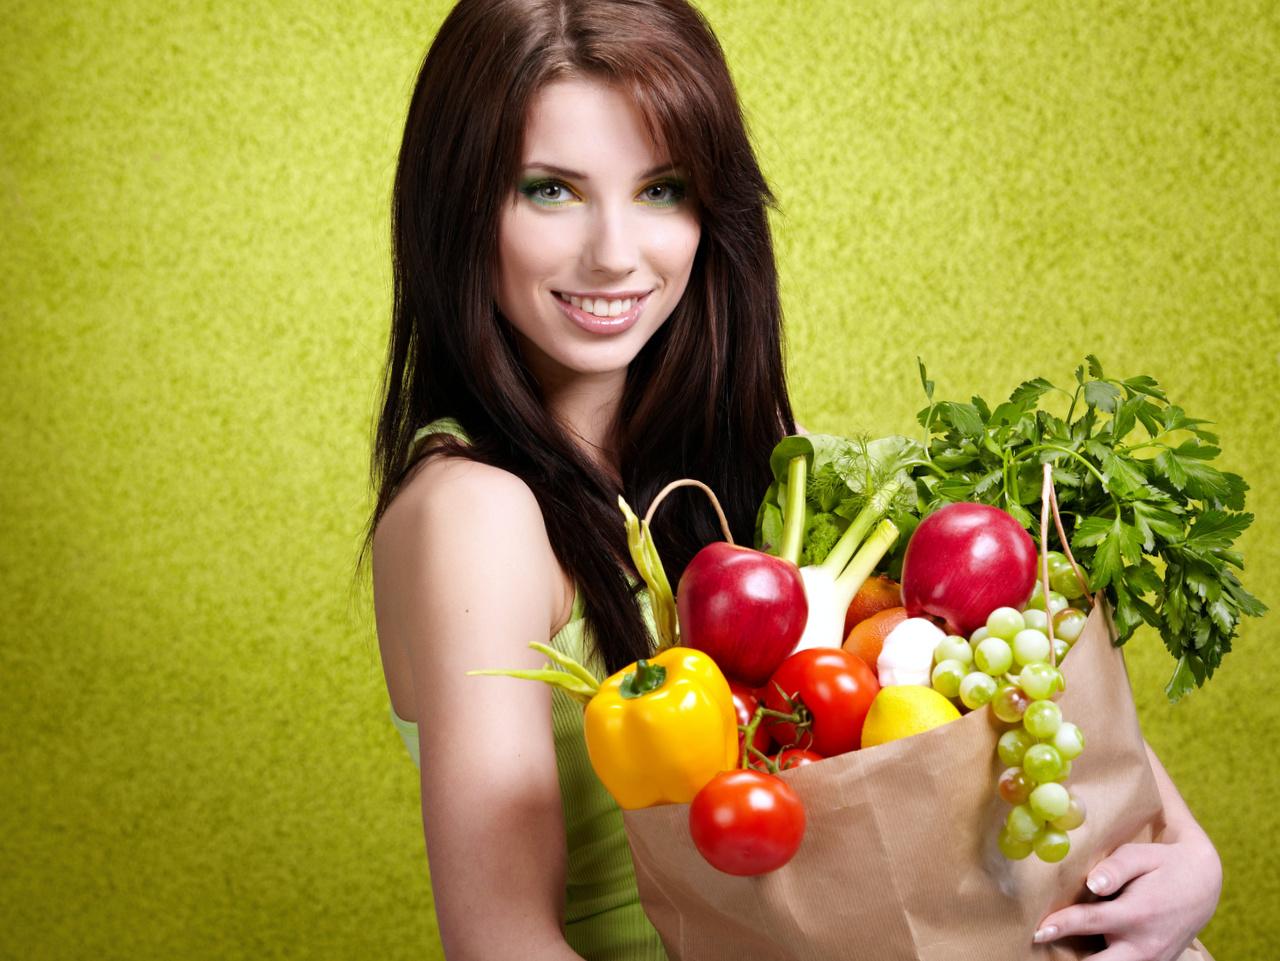 Похудеть на белковой диете отзывы